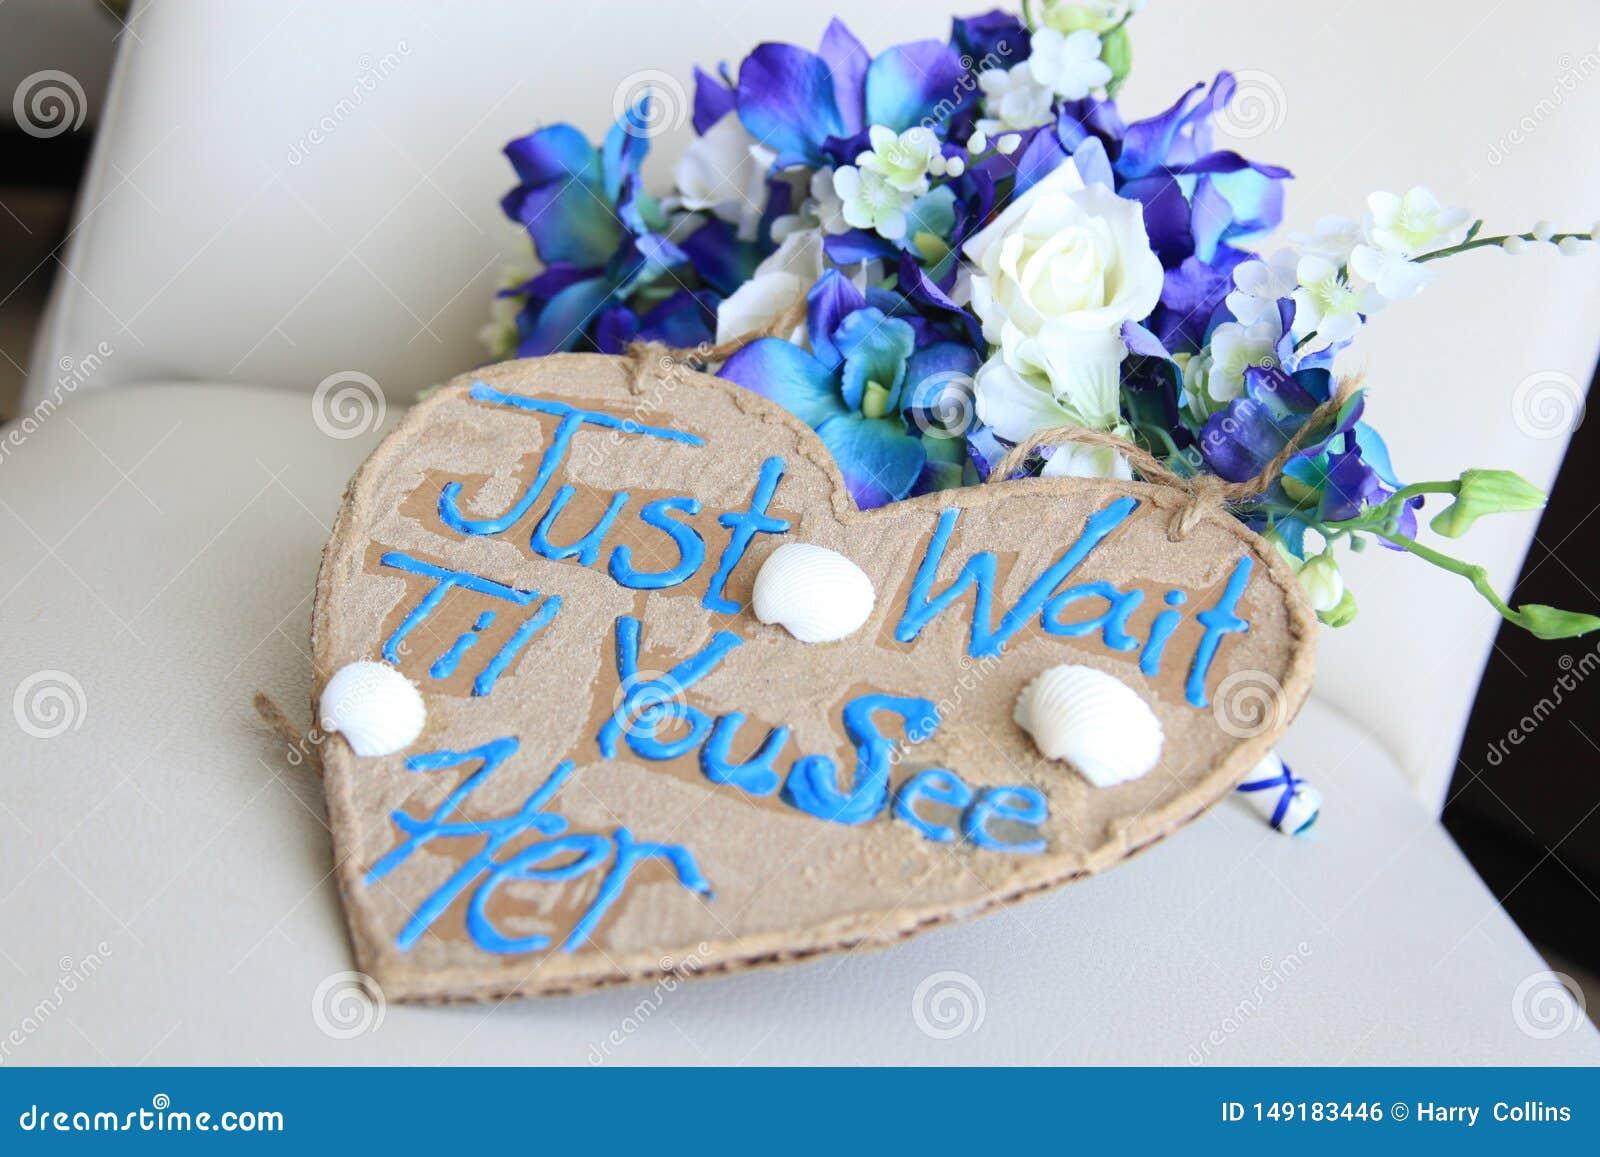 Il segno per la ragazza di fiore aspetta appena finché non la vediate